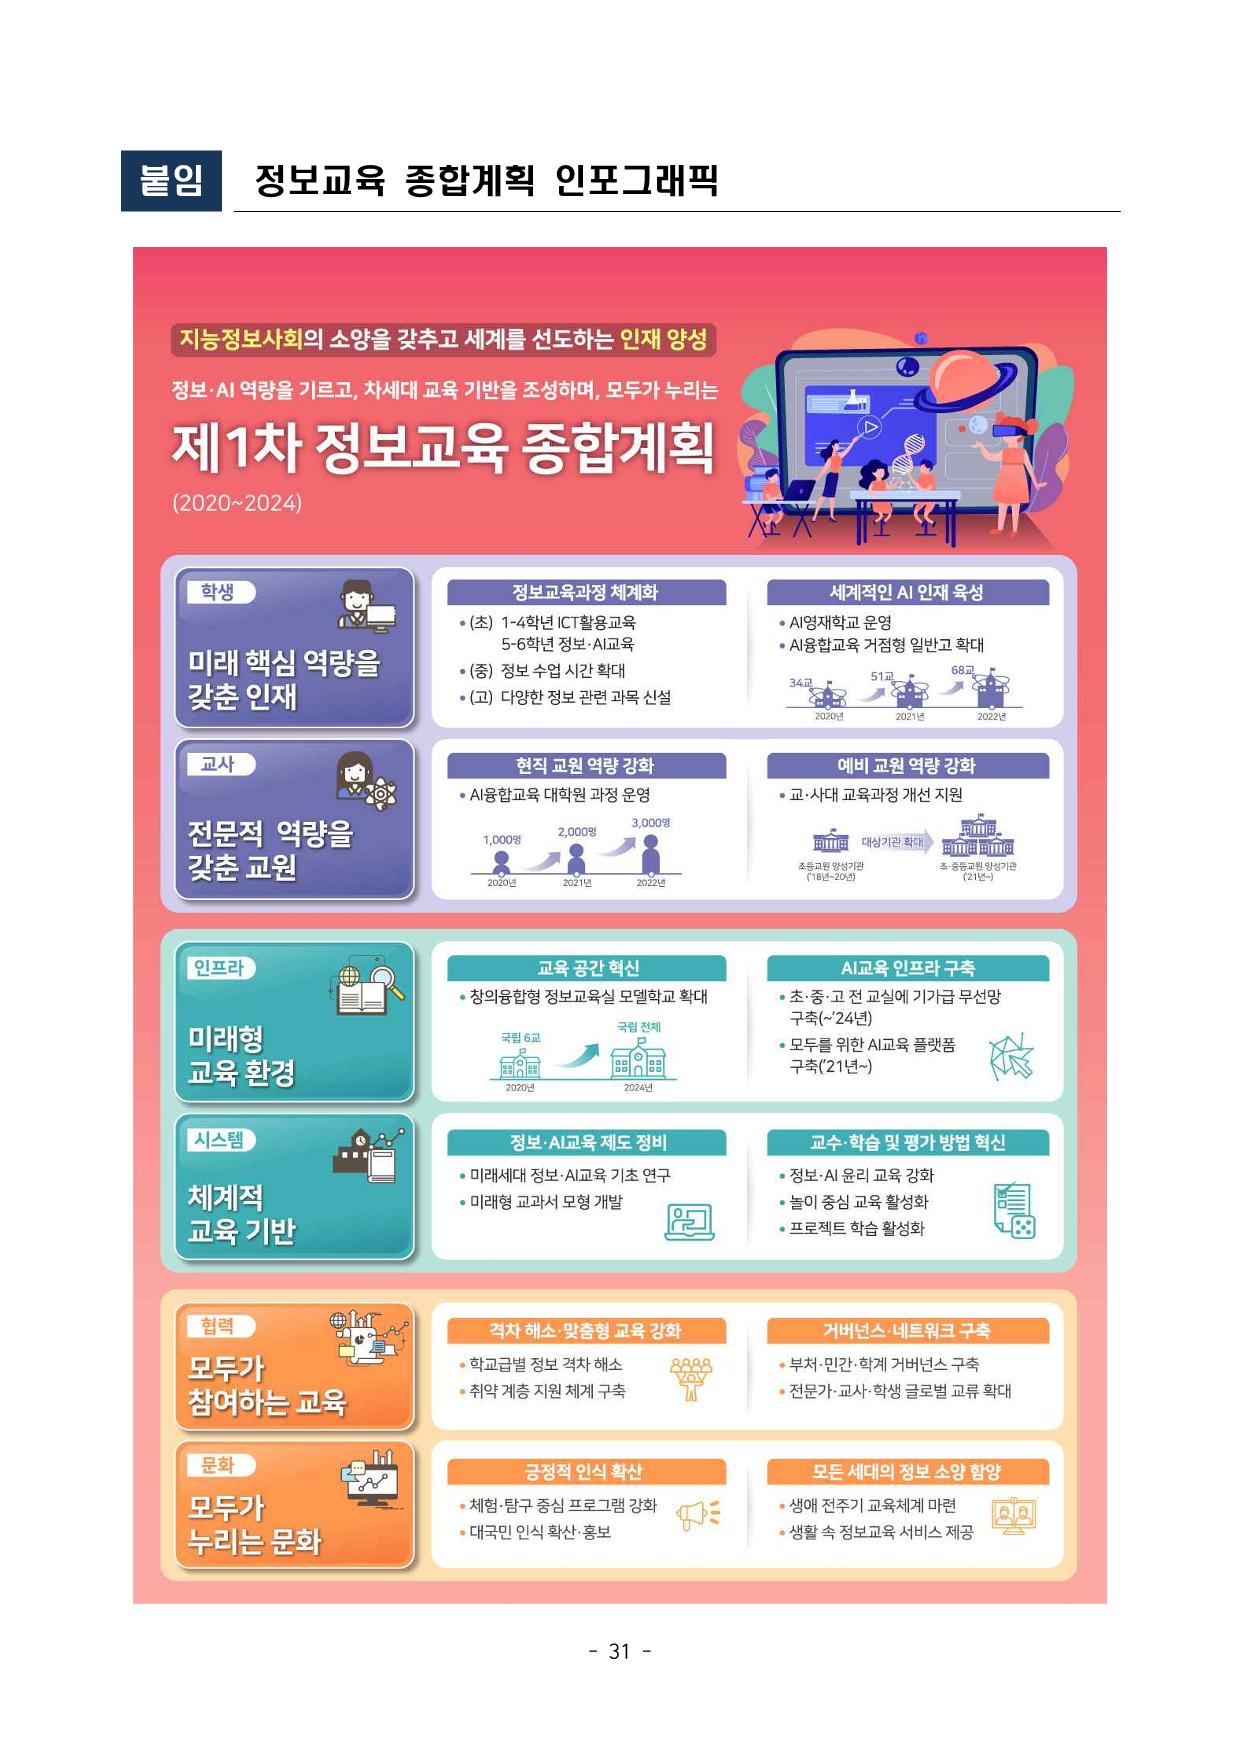 붙임 2-3. 정보교육 종합계획(안)_33.png